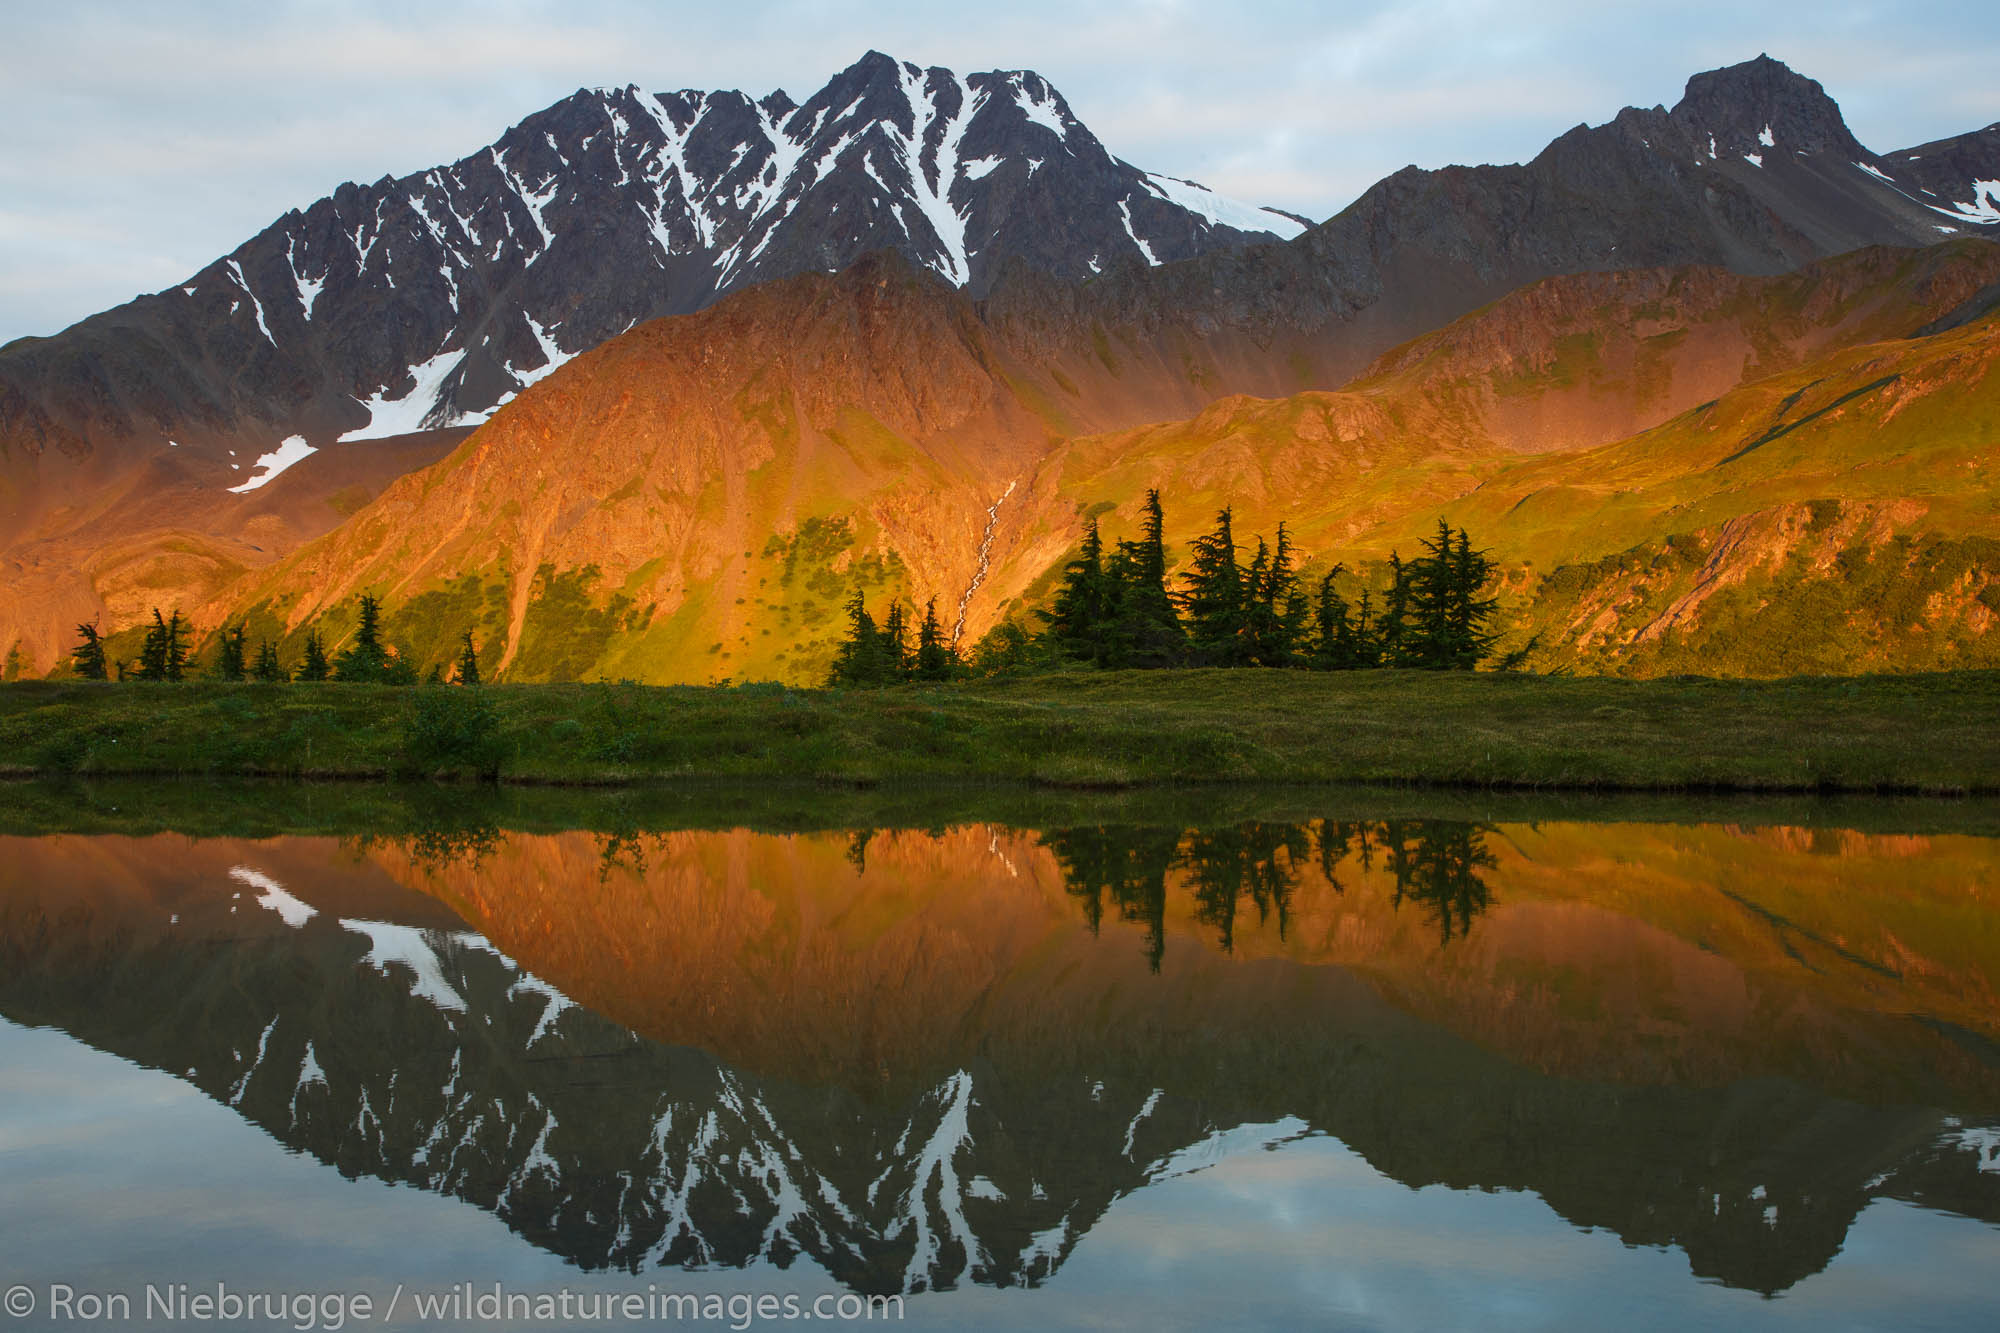 Near the Lost Lake Trail, Chugach National Forest, near Seward, Alaska.